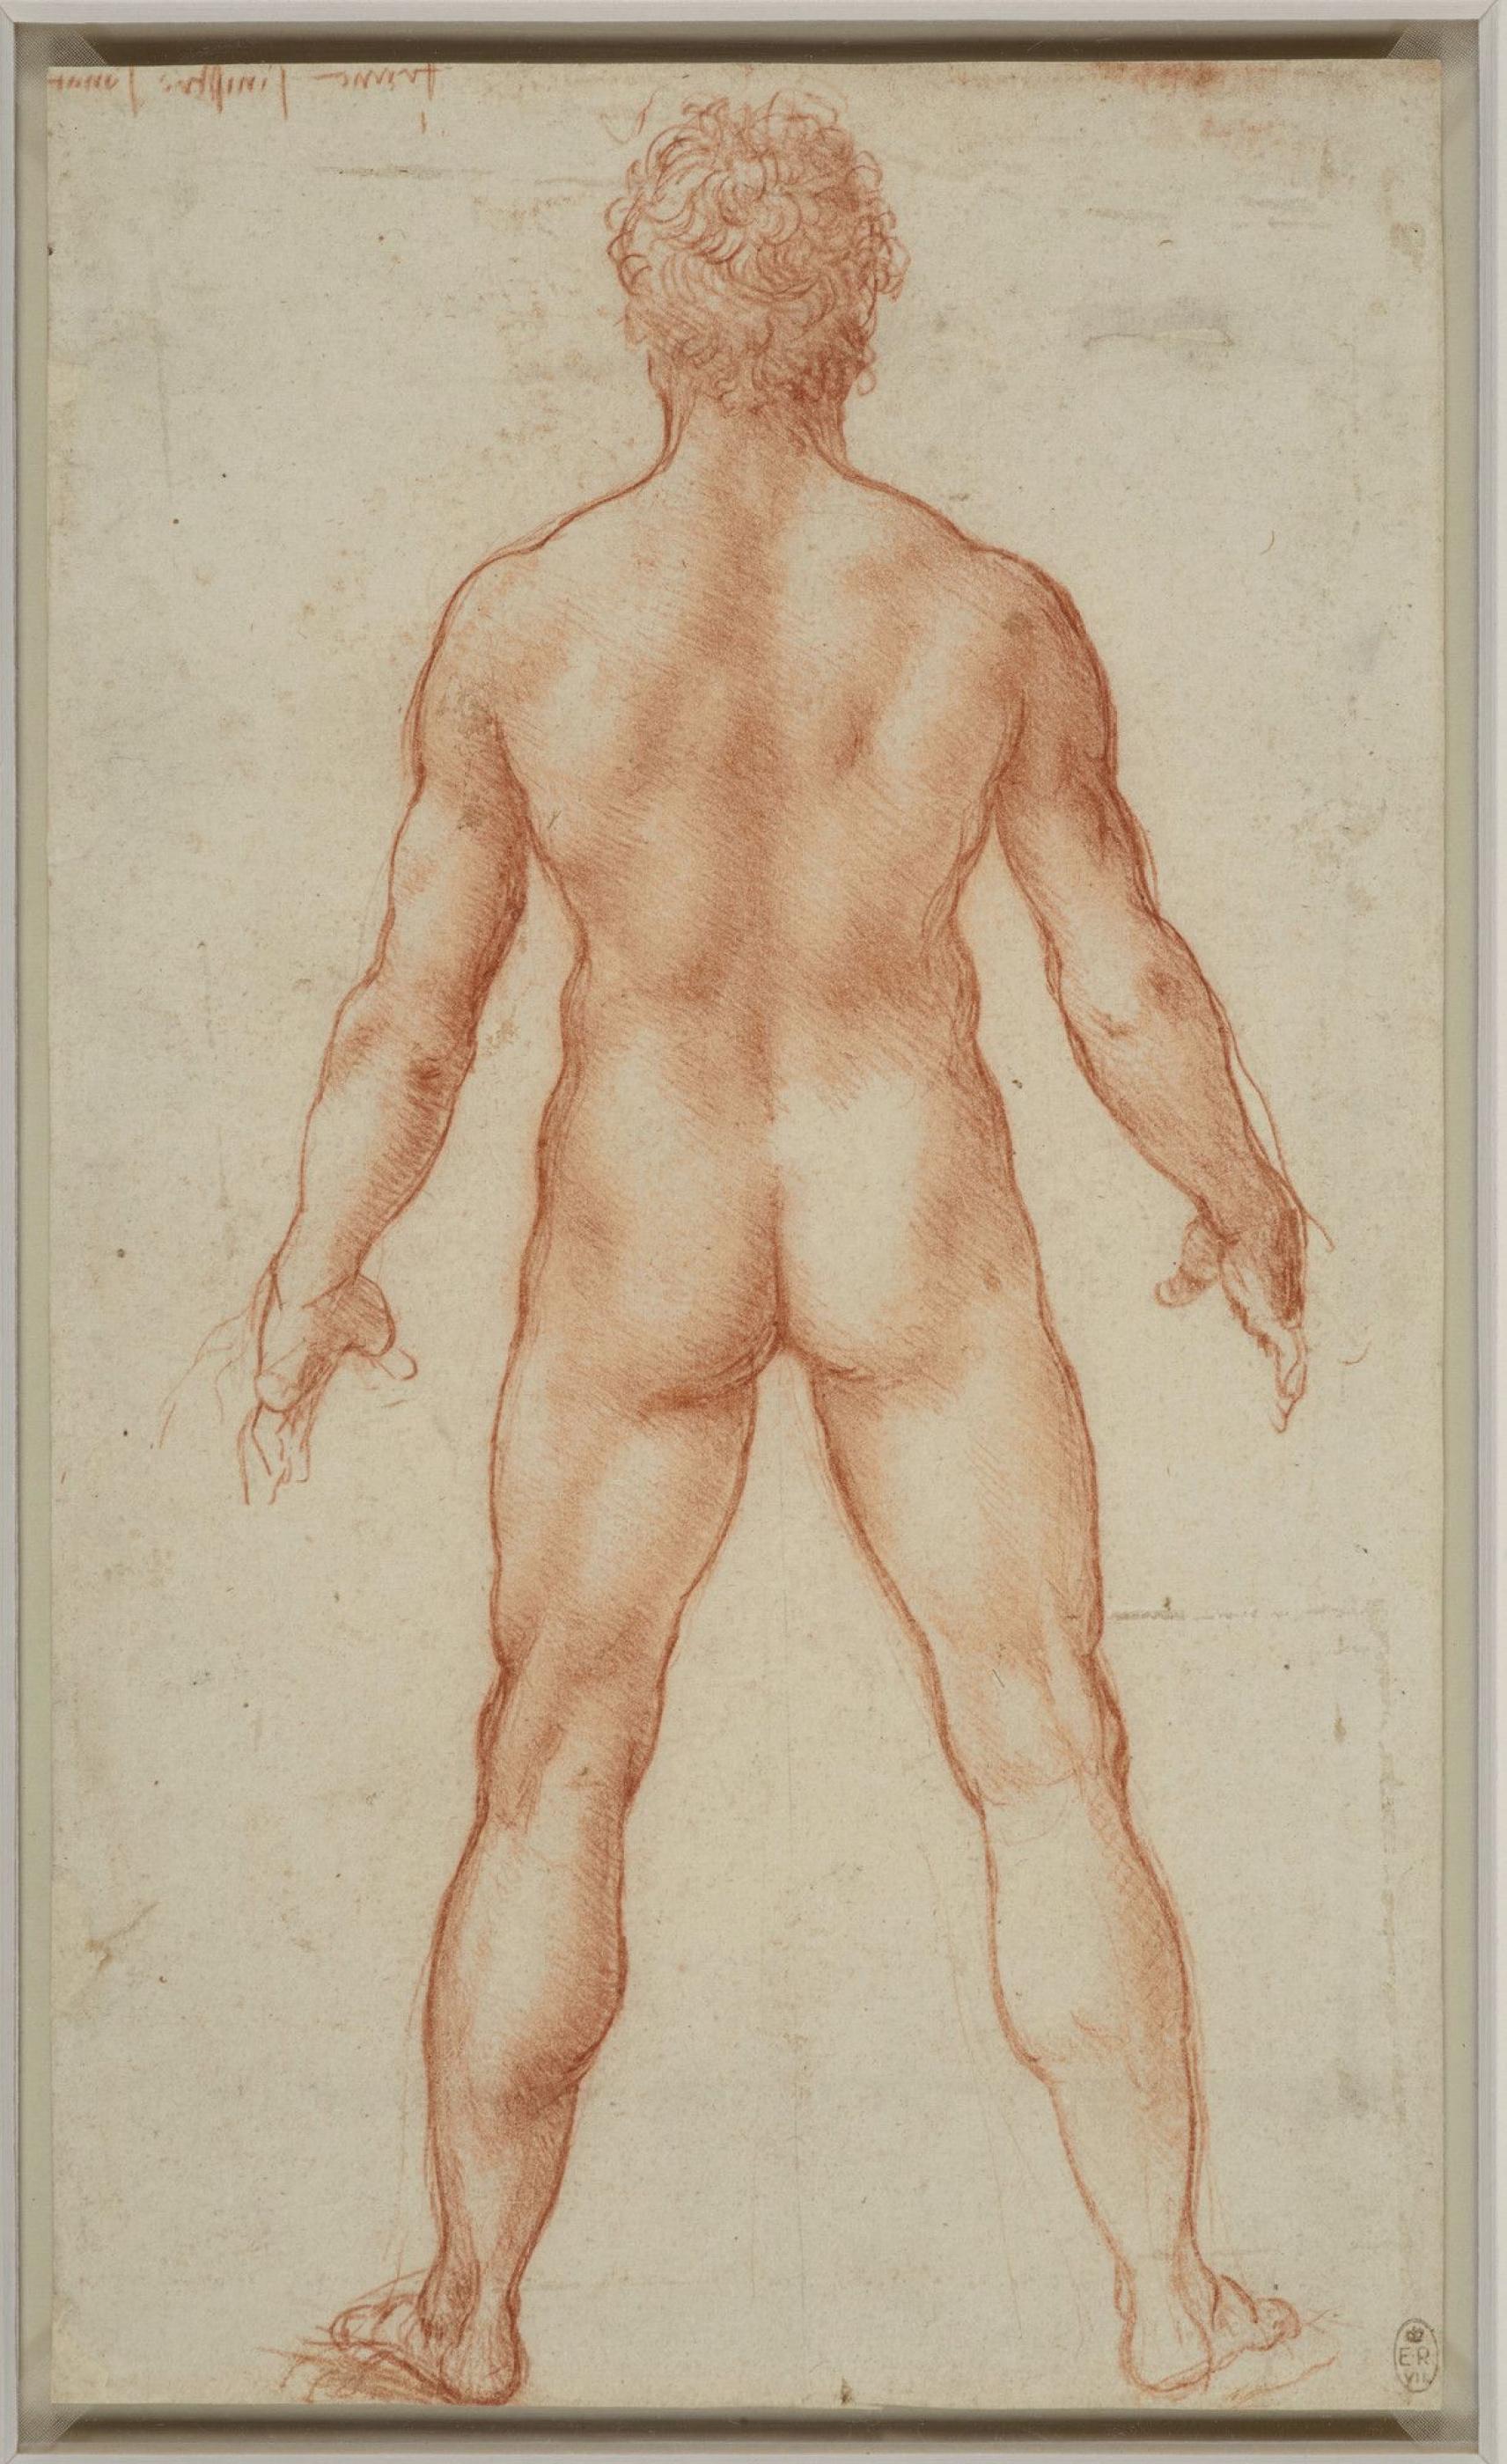 Рисунок стоящего обнаженного мужчины, Леонардо да Винчи